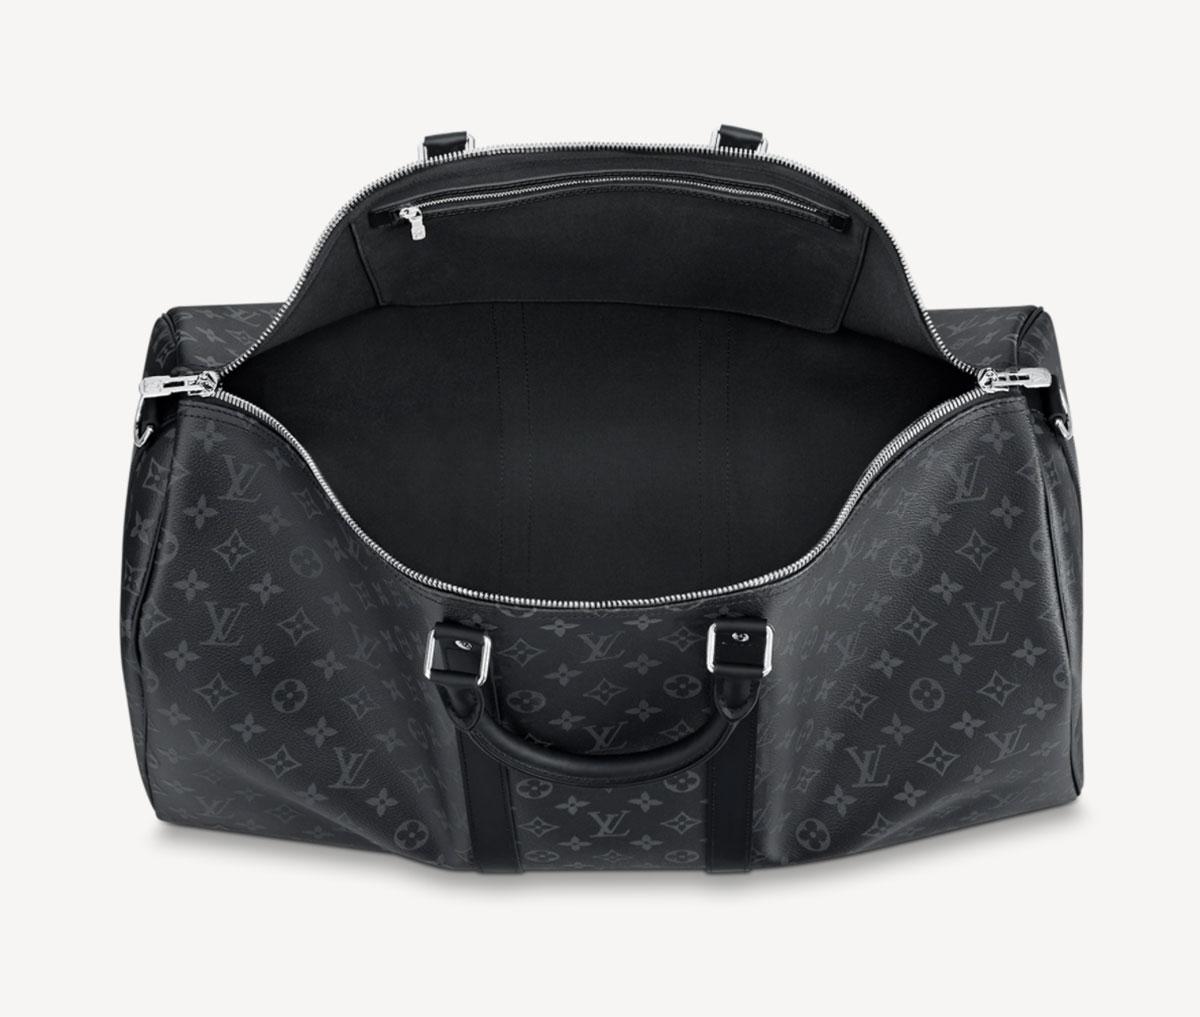 Băn khoăn có nên mua túi Louis Vuitton Keepall? Hãy đọc bài review này 2